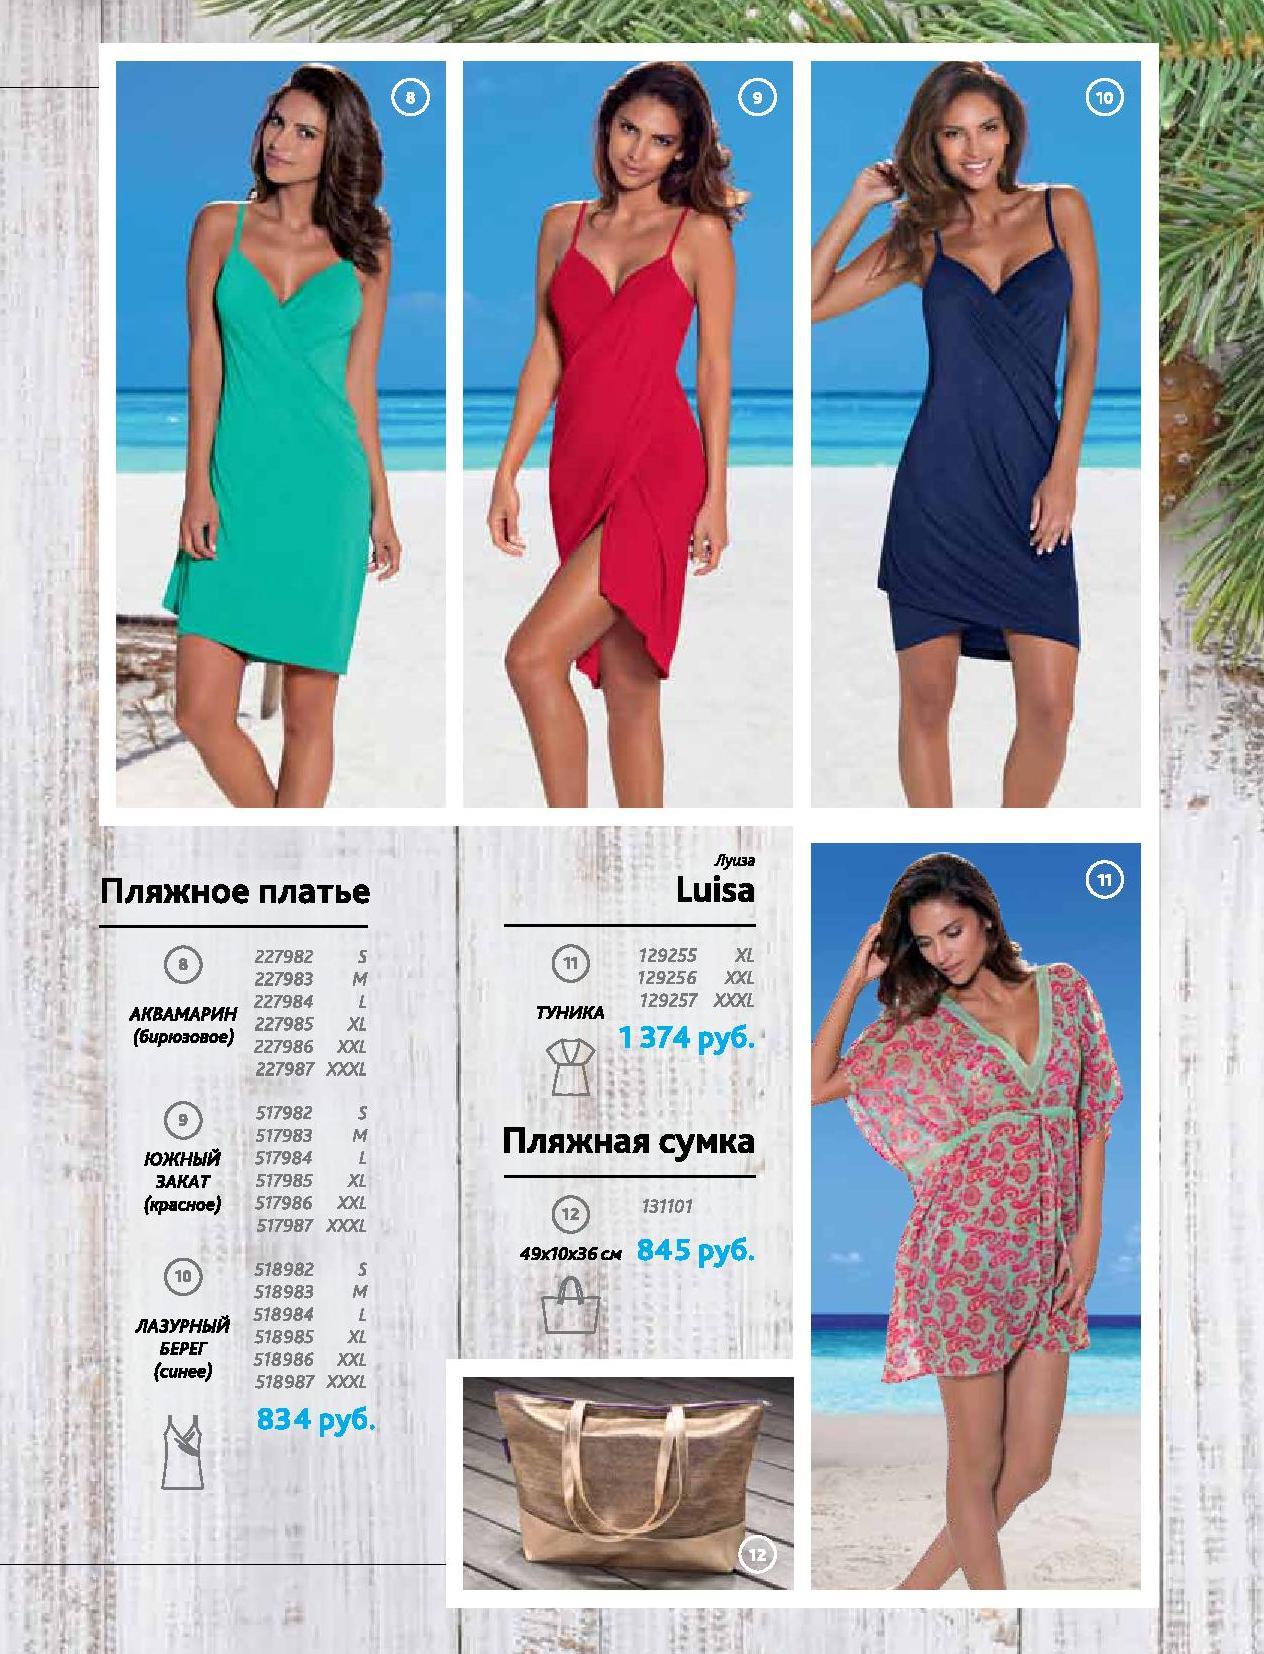 Пляжное платье, туника и сумка Флоранж